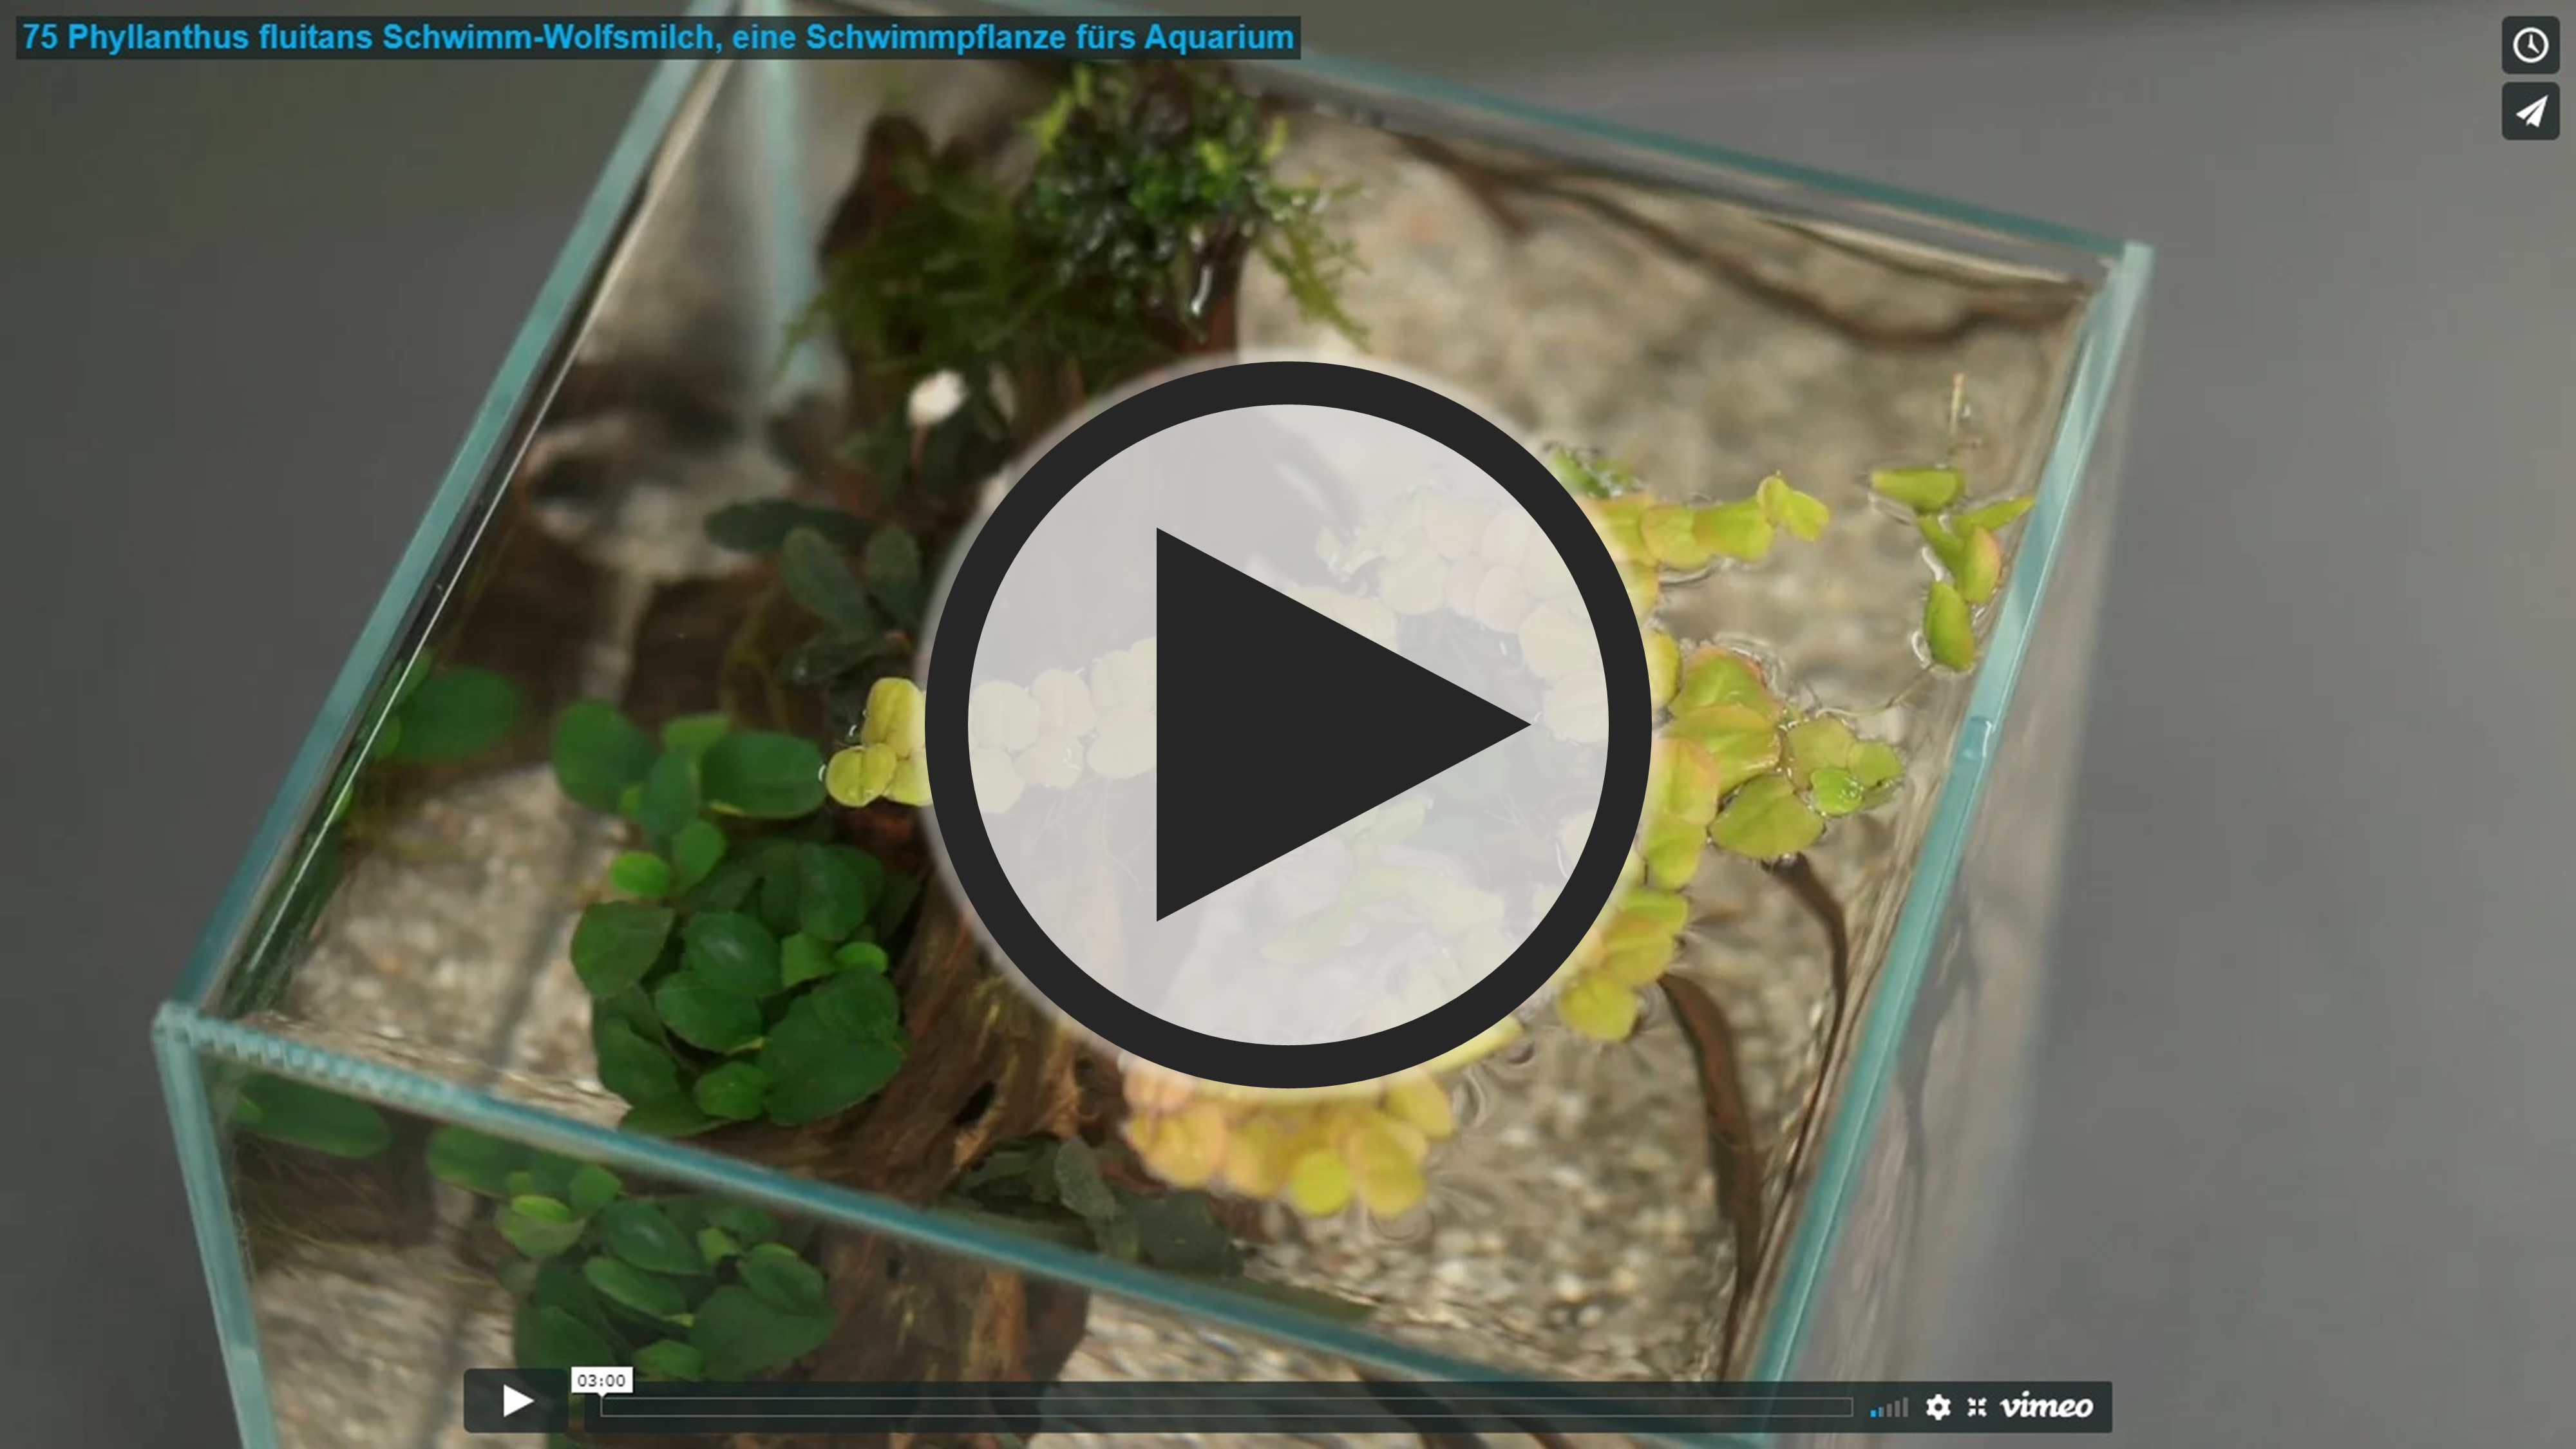 Vorschau: Video